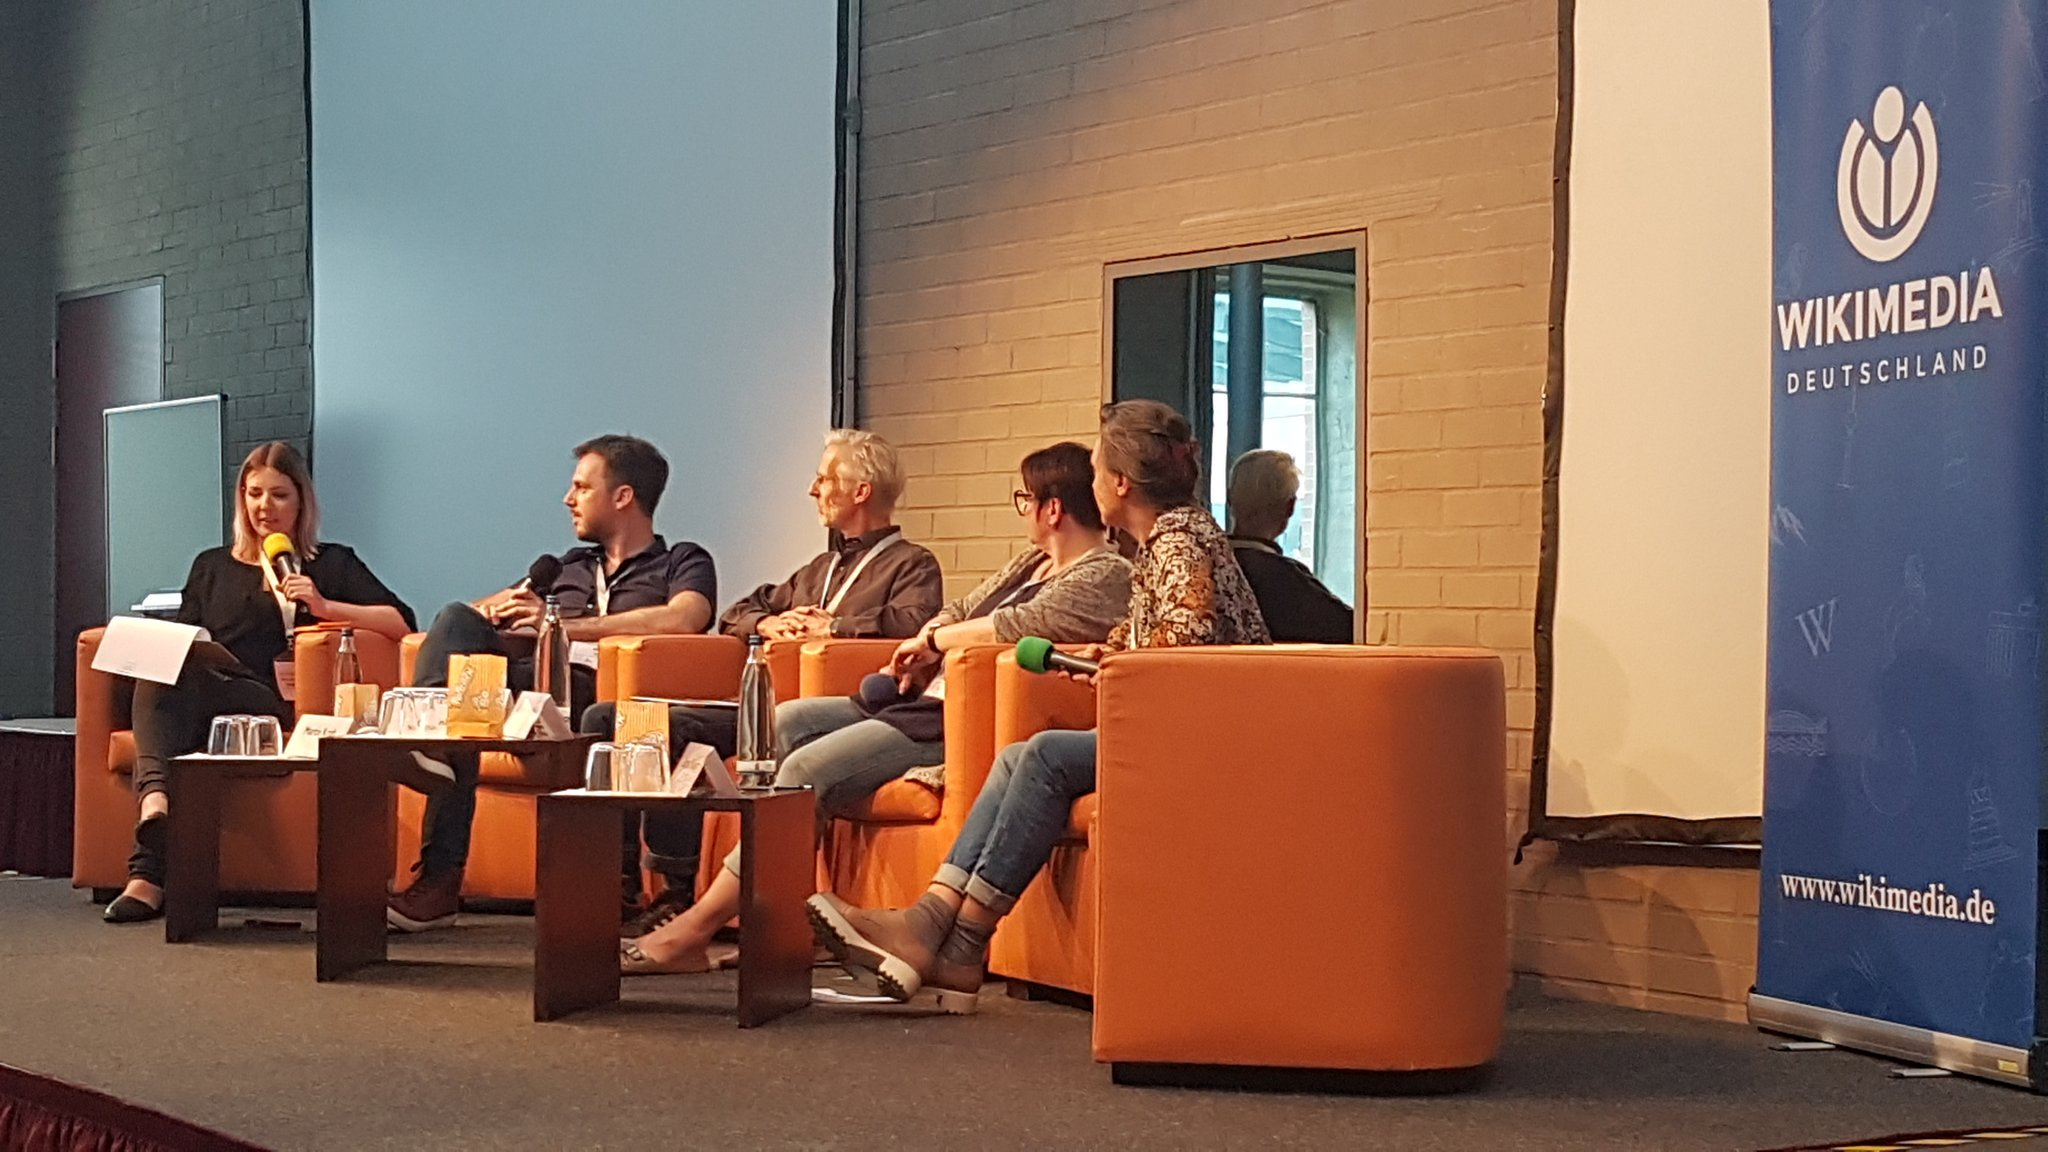 """Jetzt Abschlussdiskussion: Die Rolle der Wikipedia in """"postfaktischen"""" Zeiten #wmdemv https://t.co/su8HWEr0O2"""